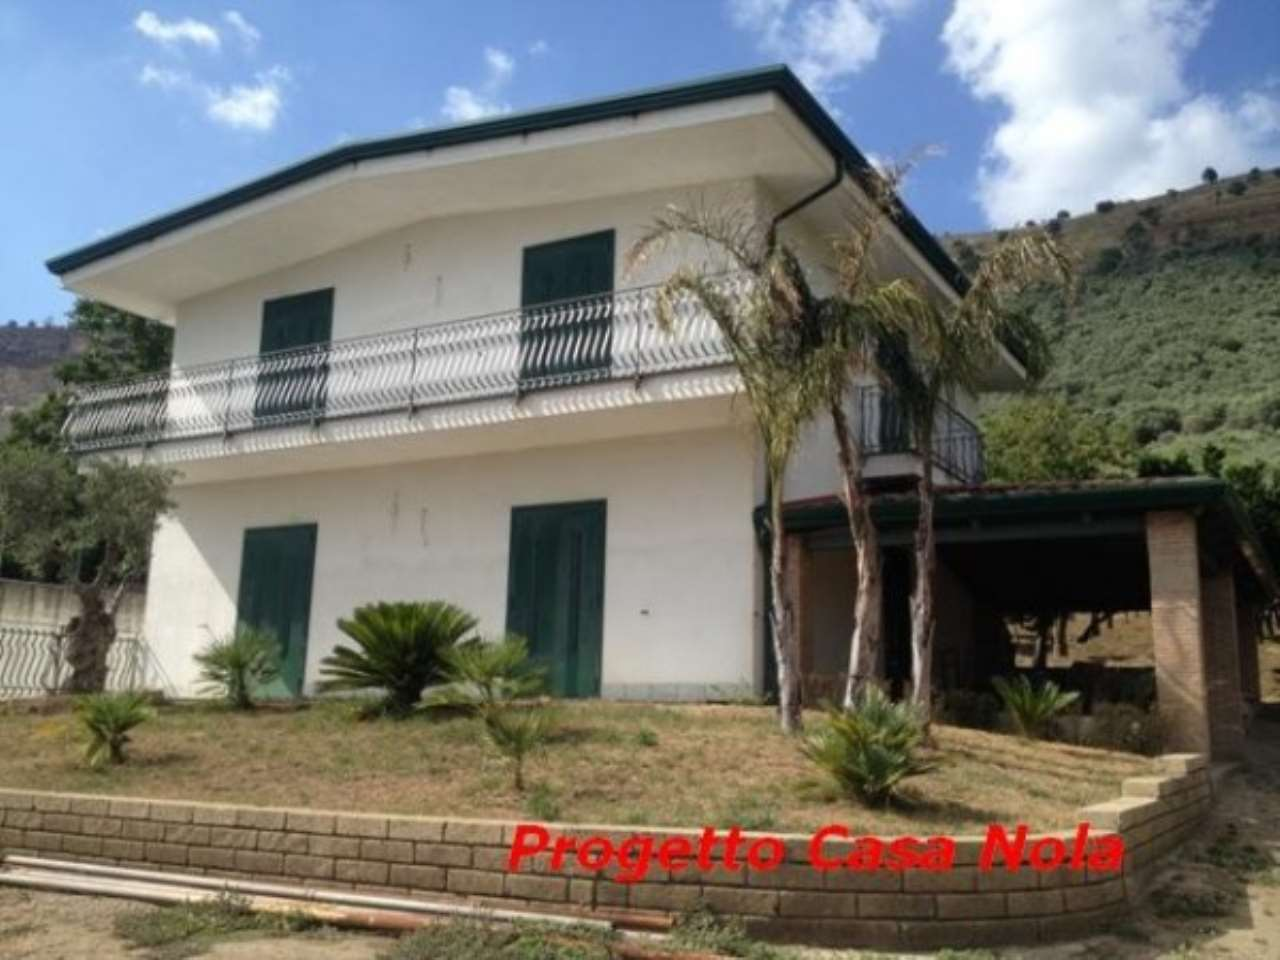 Villa in vendita a Nola, 6 locali, prezzo € 280.000 | CambioCasa.it